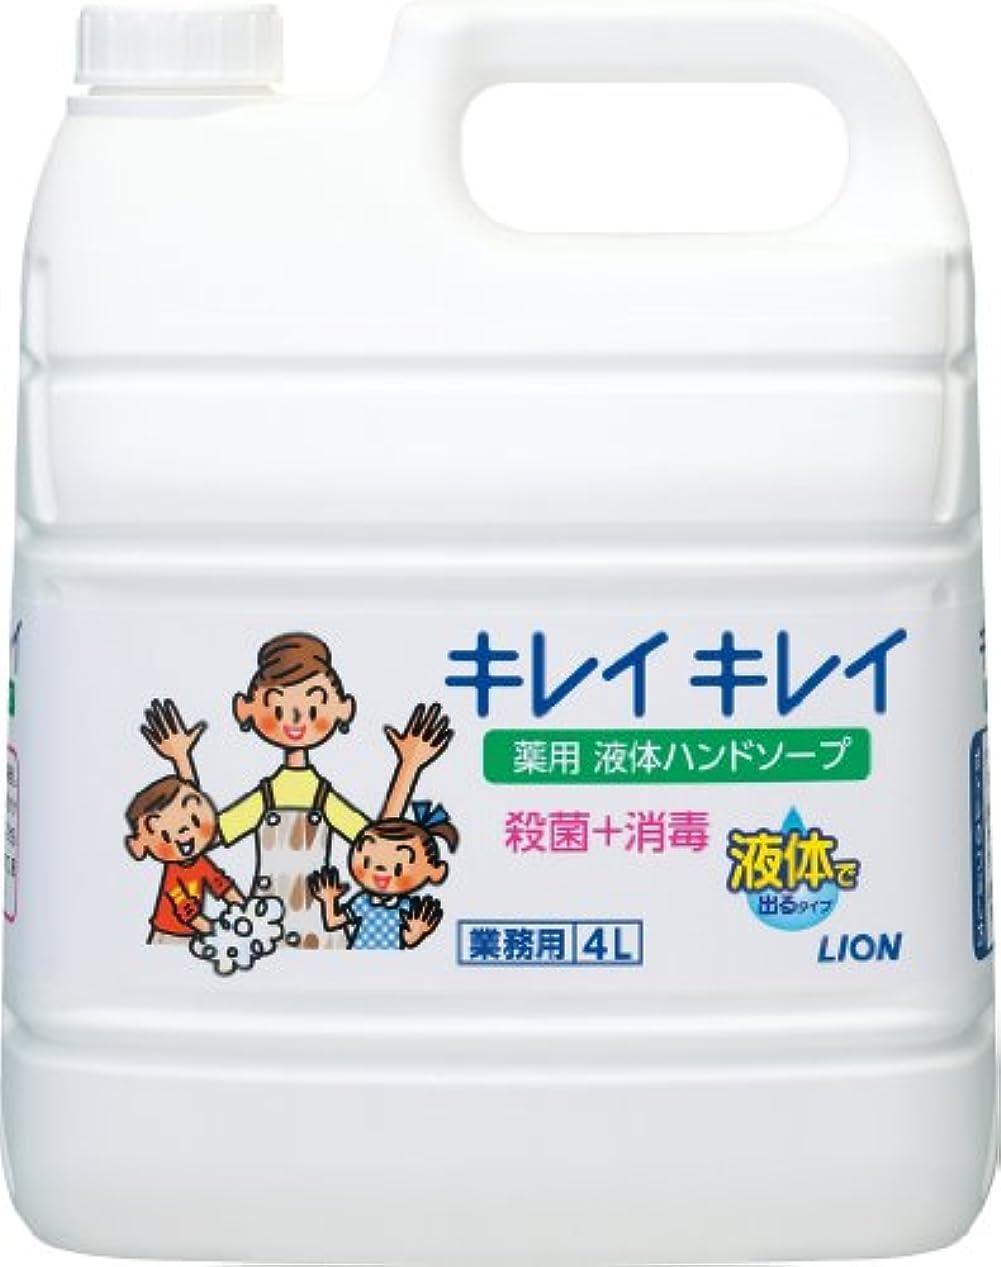 鰐野球シングル【業務用 大容量】キレイキレイ 薬用 ハンドソープ  4L(医薬部外品)